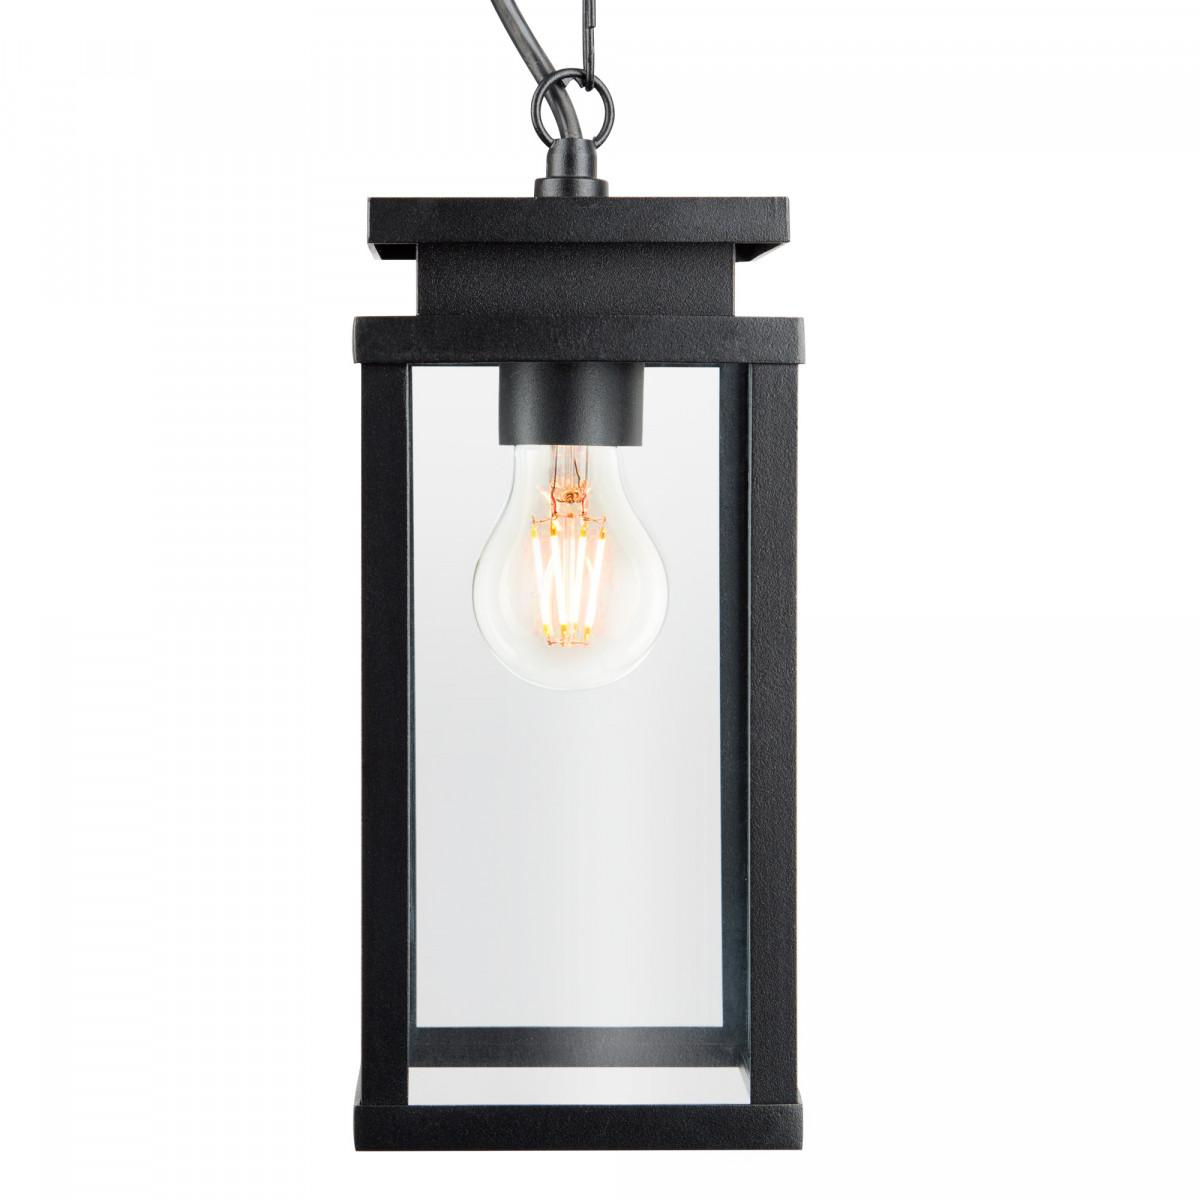 Buiten hanglamp zwart frame met helder glas aan ketting met plafondplaat, veranda lamp van KS Verlichting